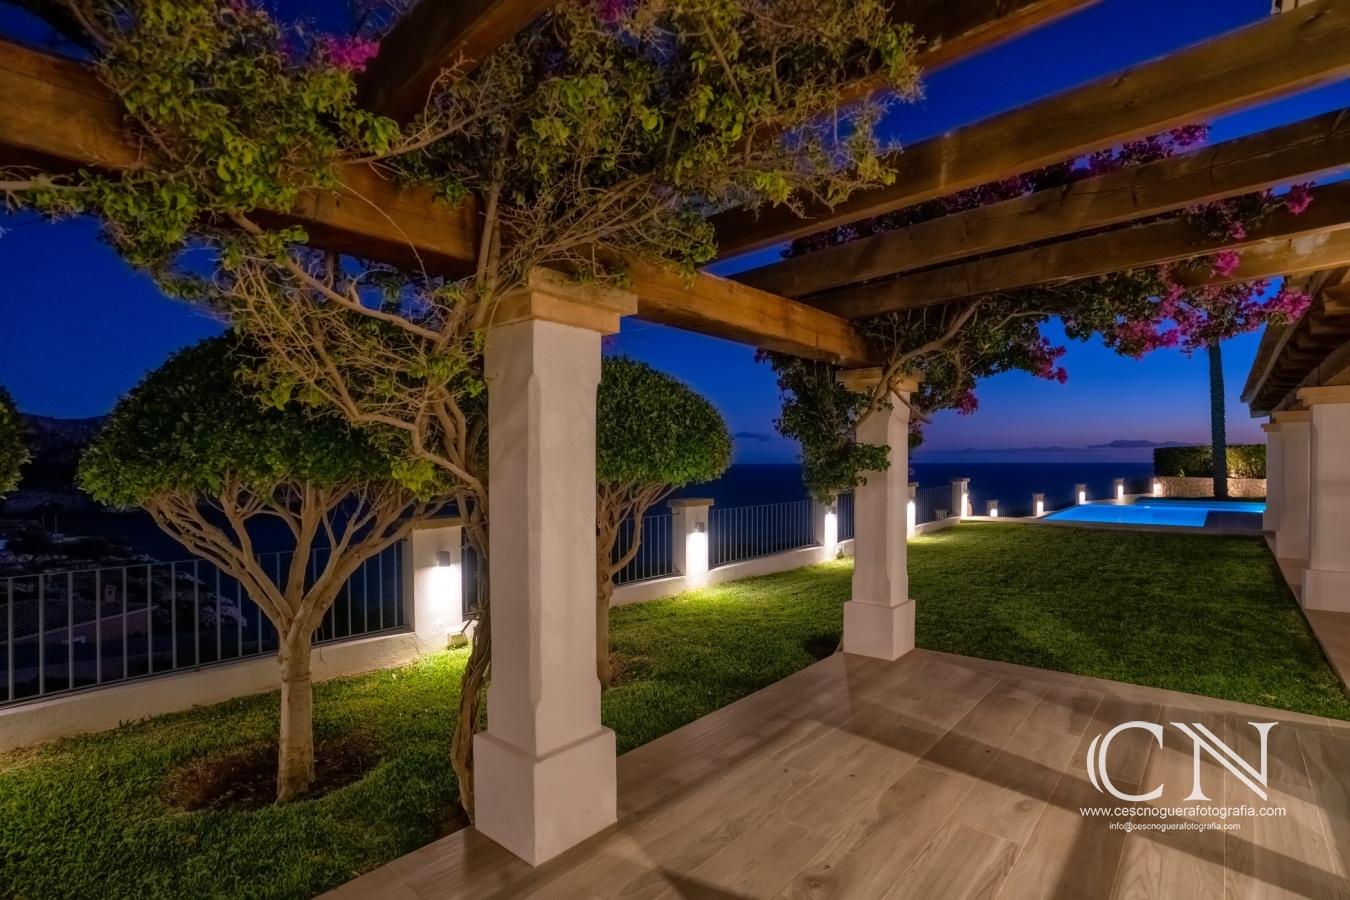 Finca al Port d'Andratx - Cesc Noguera Photographie, Architectural & Interior design photographer / Landscape Photography